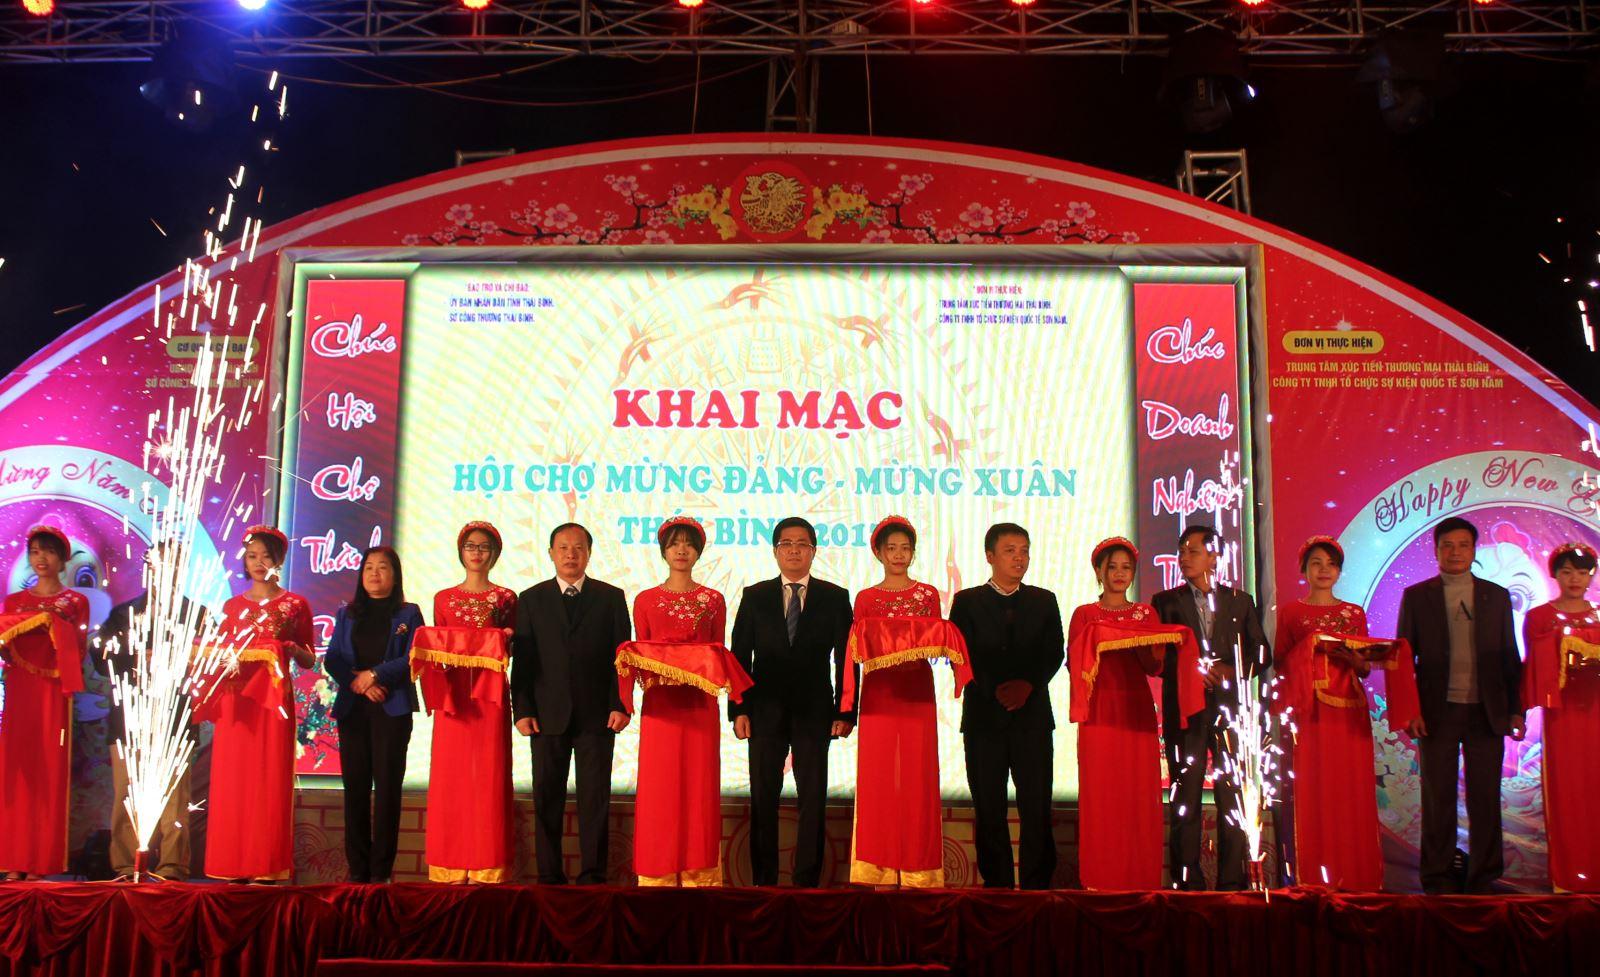 Khai mạc Hội chợ mừng Đảng mừng Xuân Thái Bình 2017